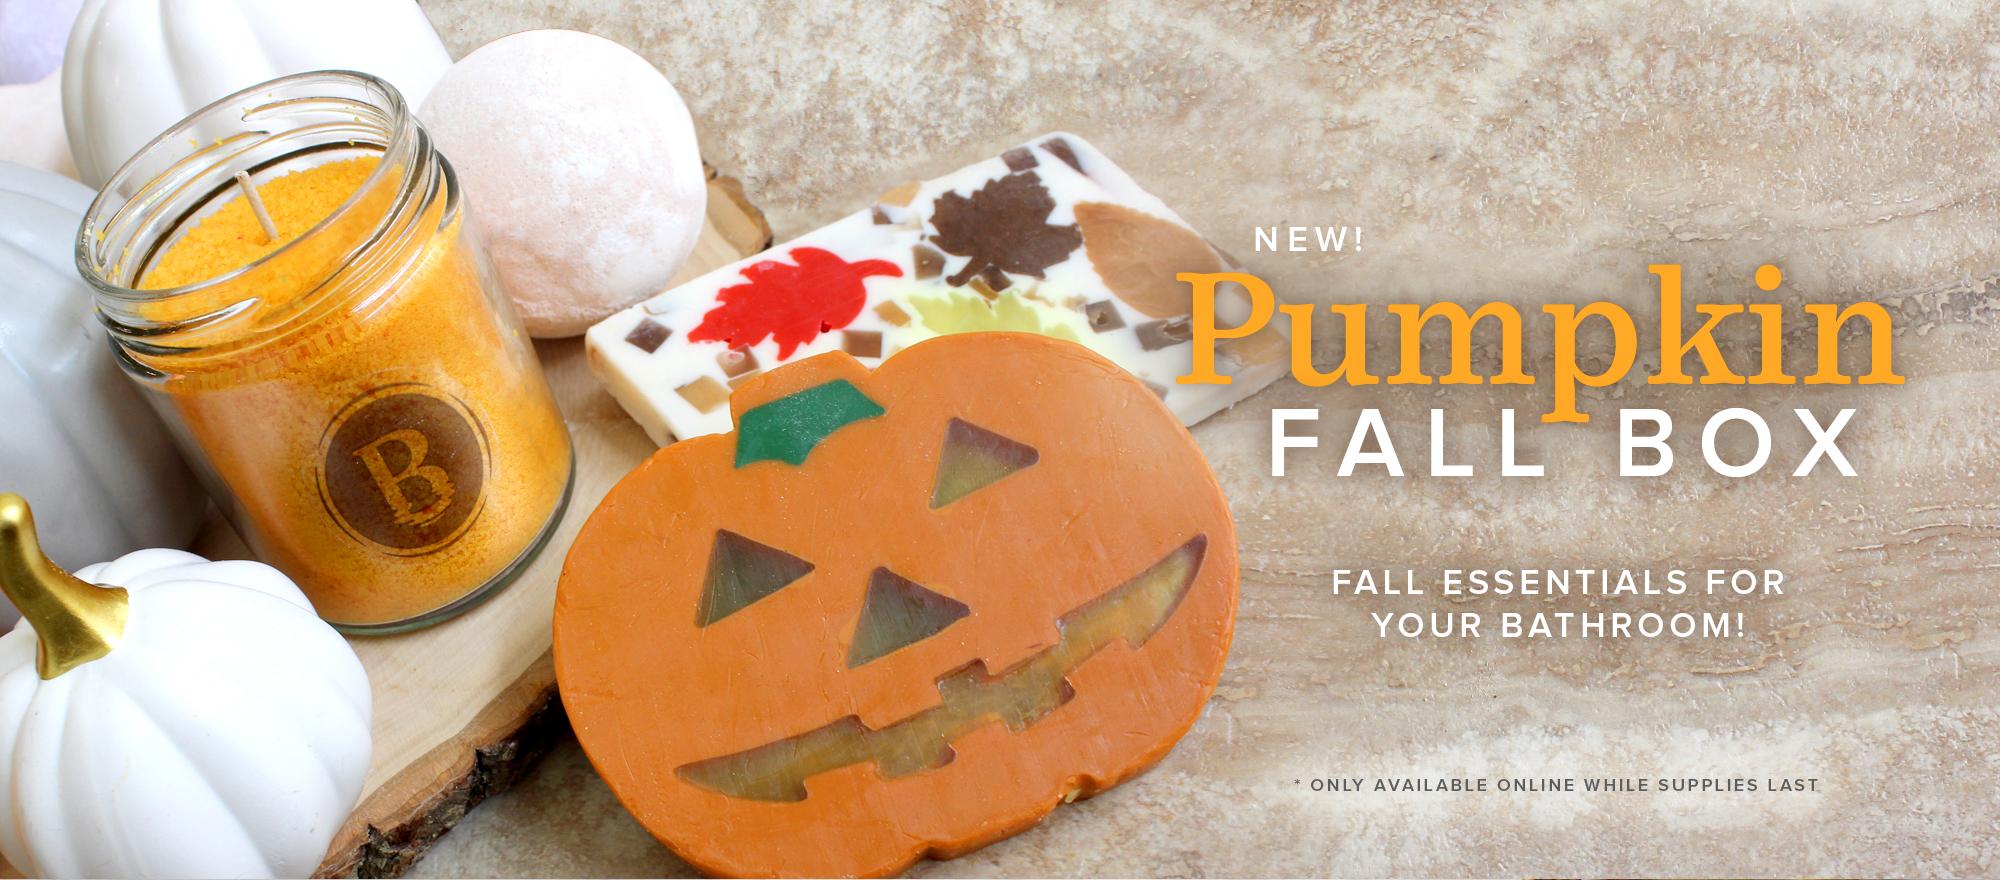 NEW! Pumpkin Fall Box